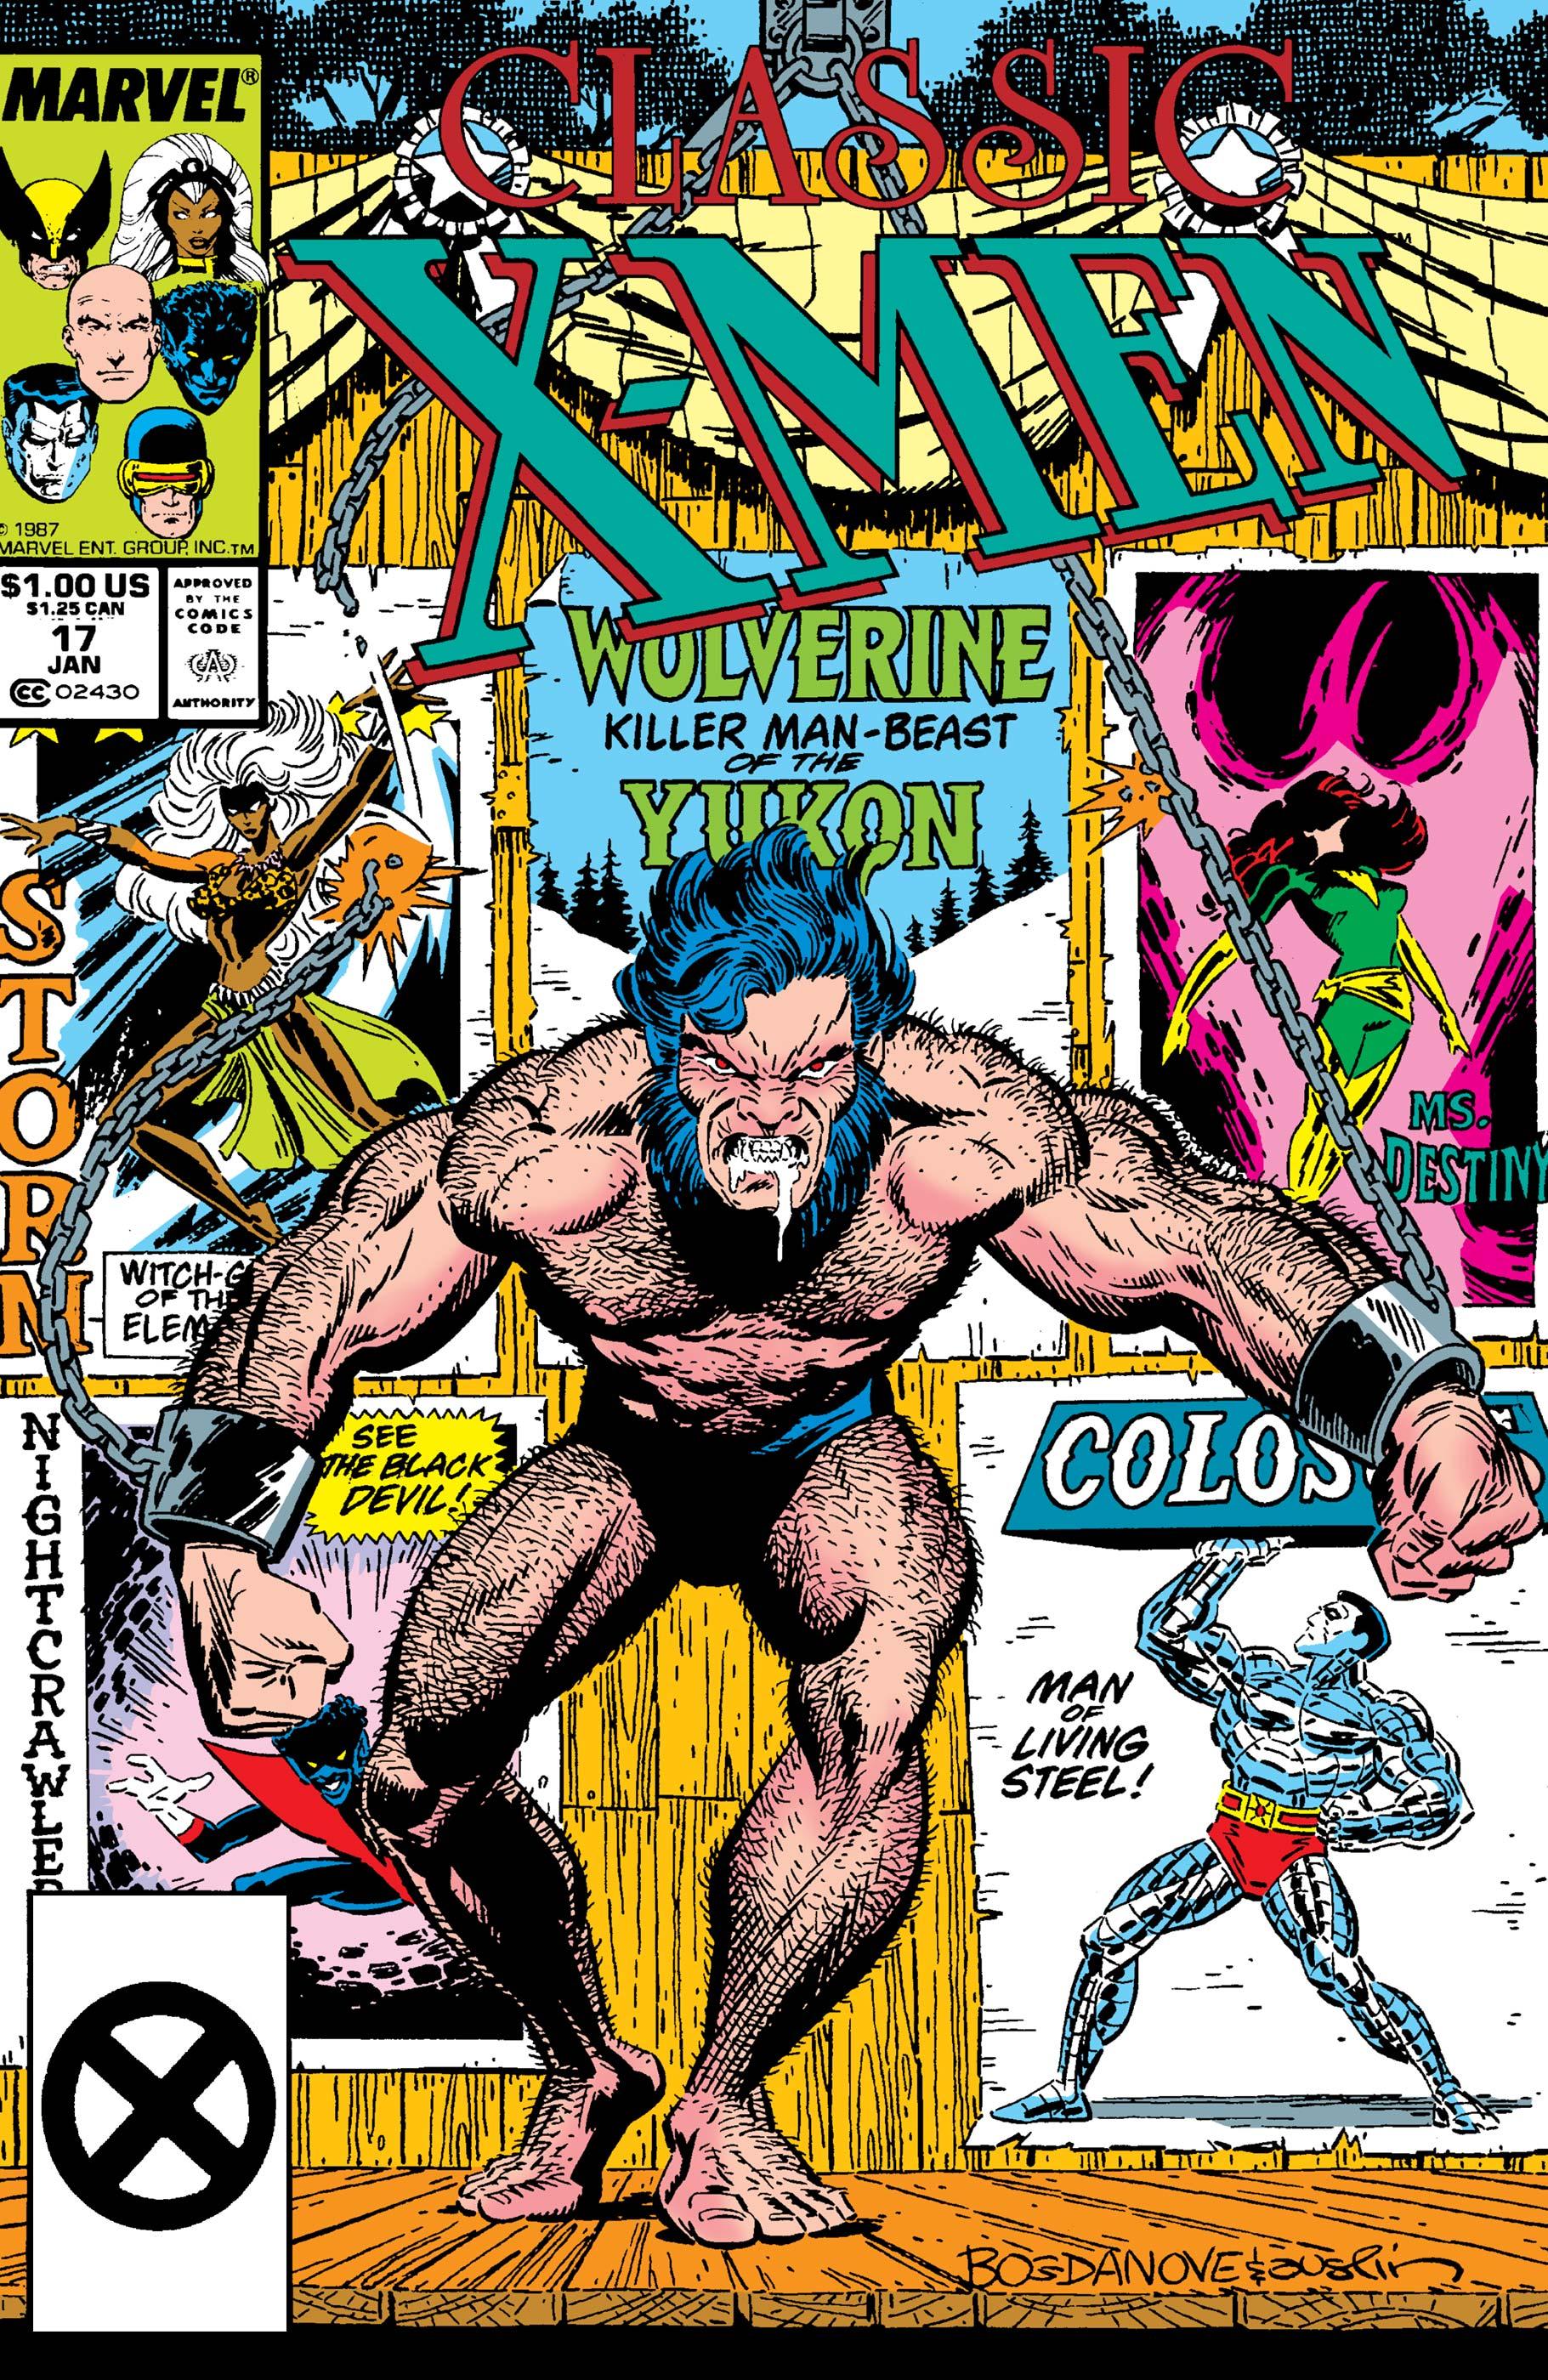 Classic X-Men (1986) #17